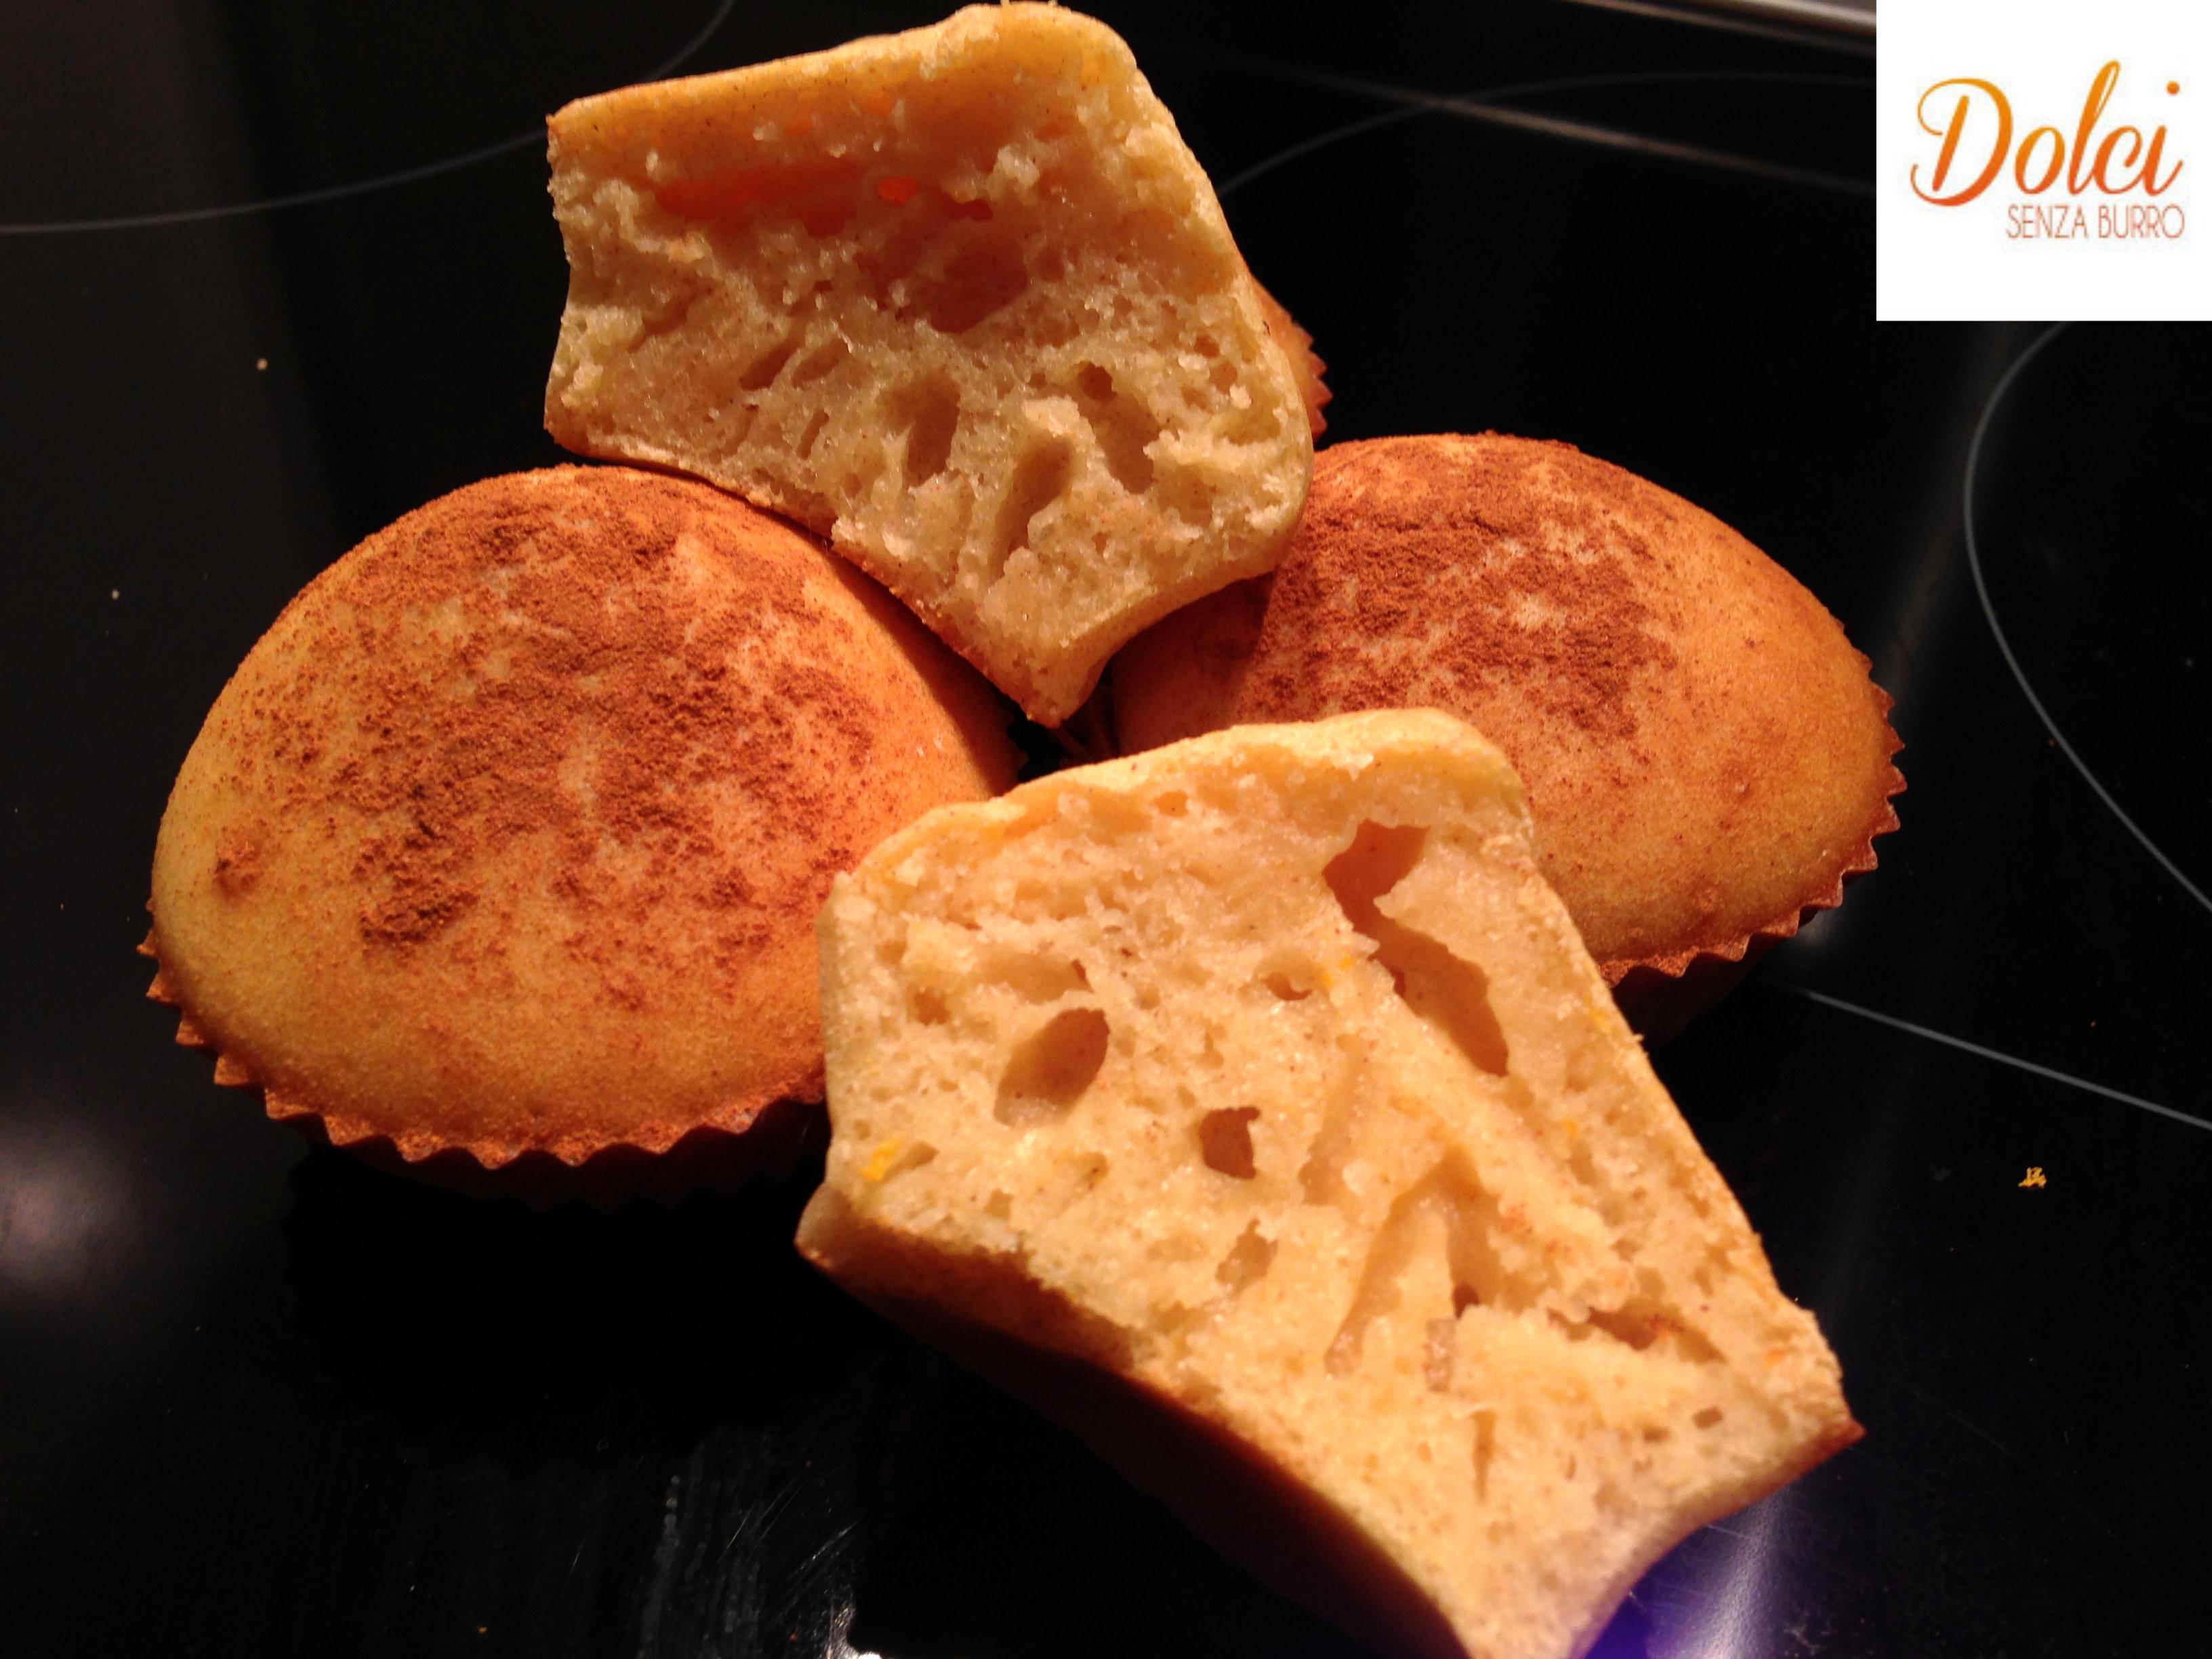 Muffin Senza Burro all'arancia e cannella , il dolce senza lattosio di Dolci Senza Burro